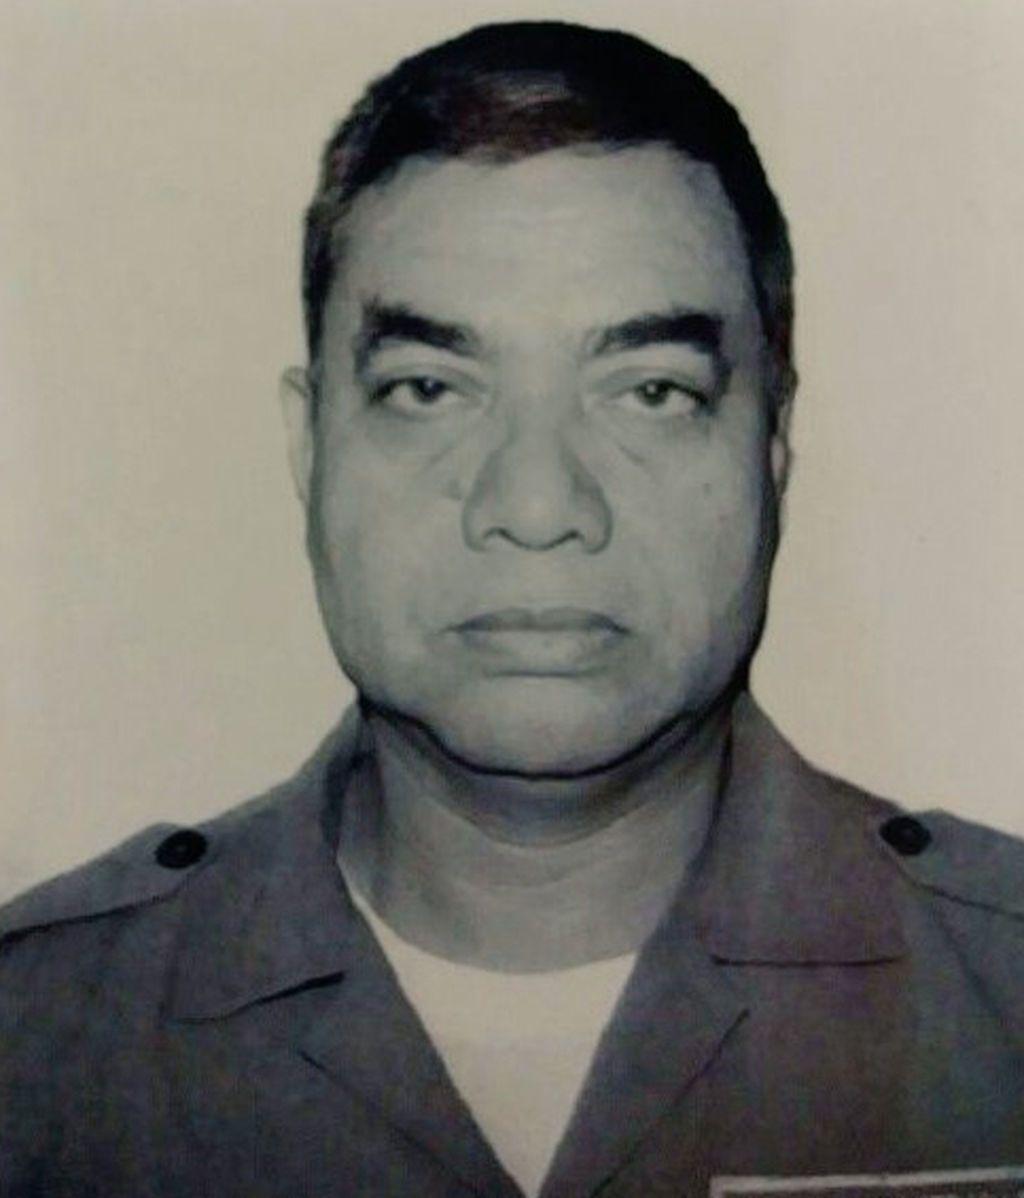 Muere a tiros el director de la cárcel guatemalteca 'El Infiernito'